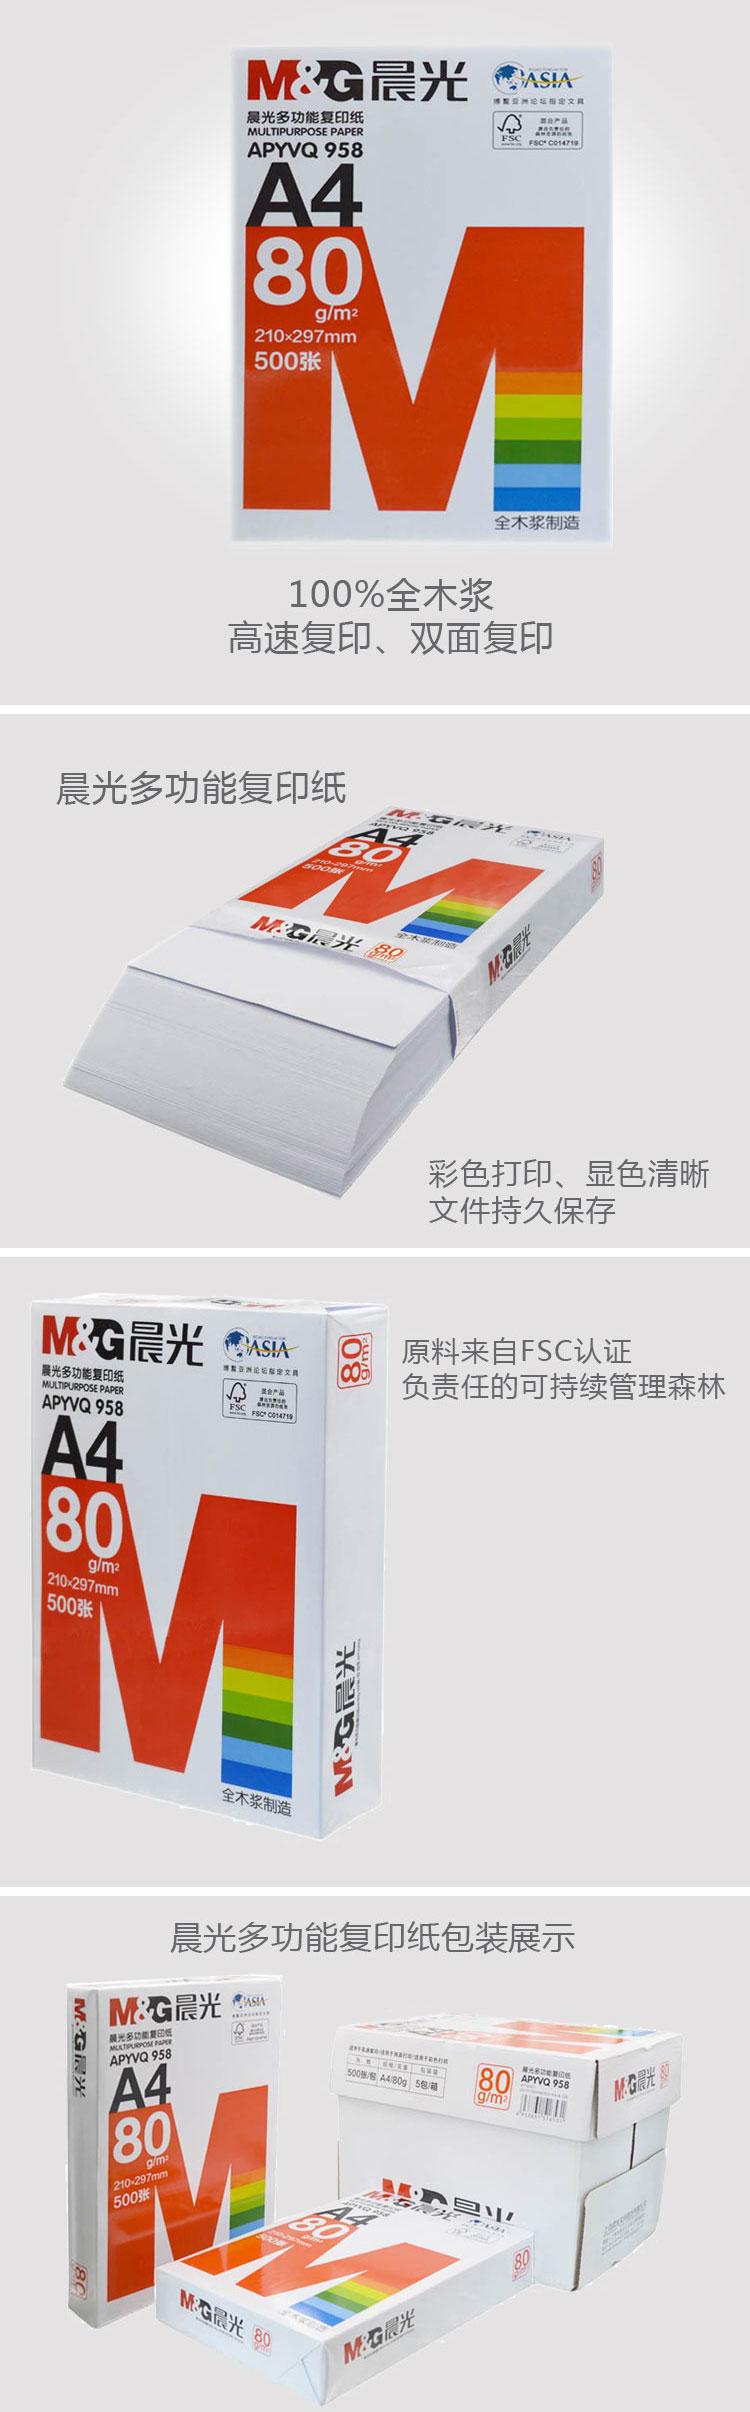 晨光APYVQ958复印纸